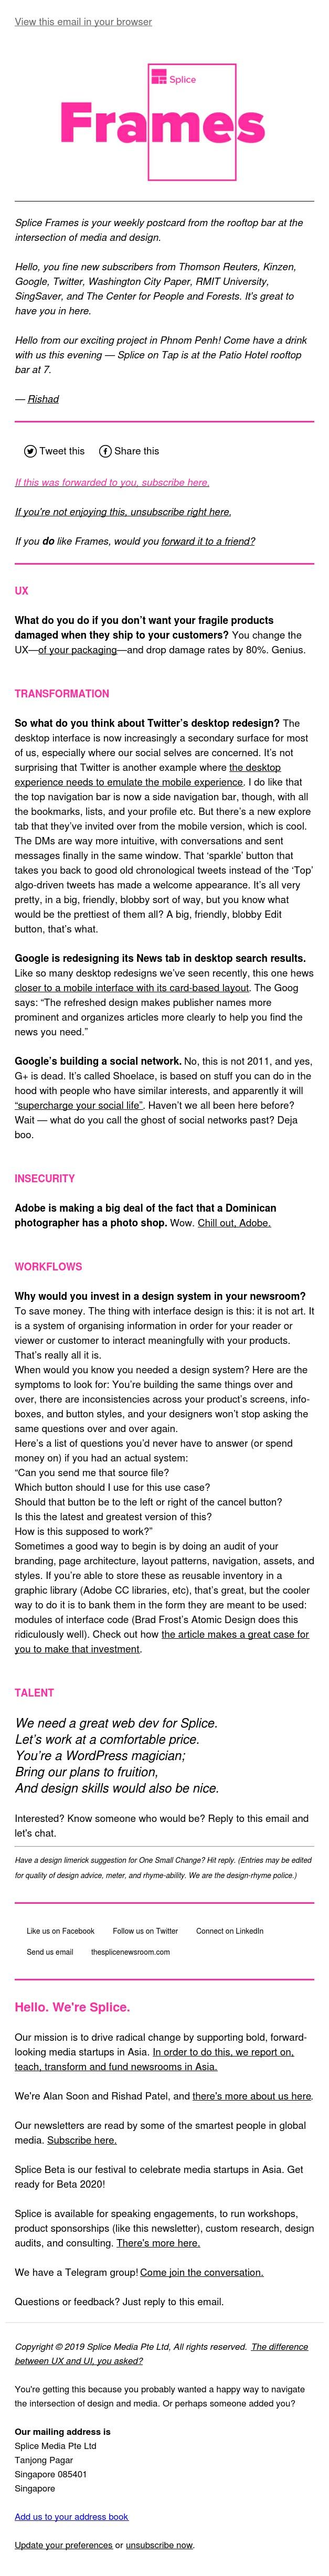 Splice Frames: media by design